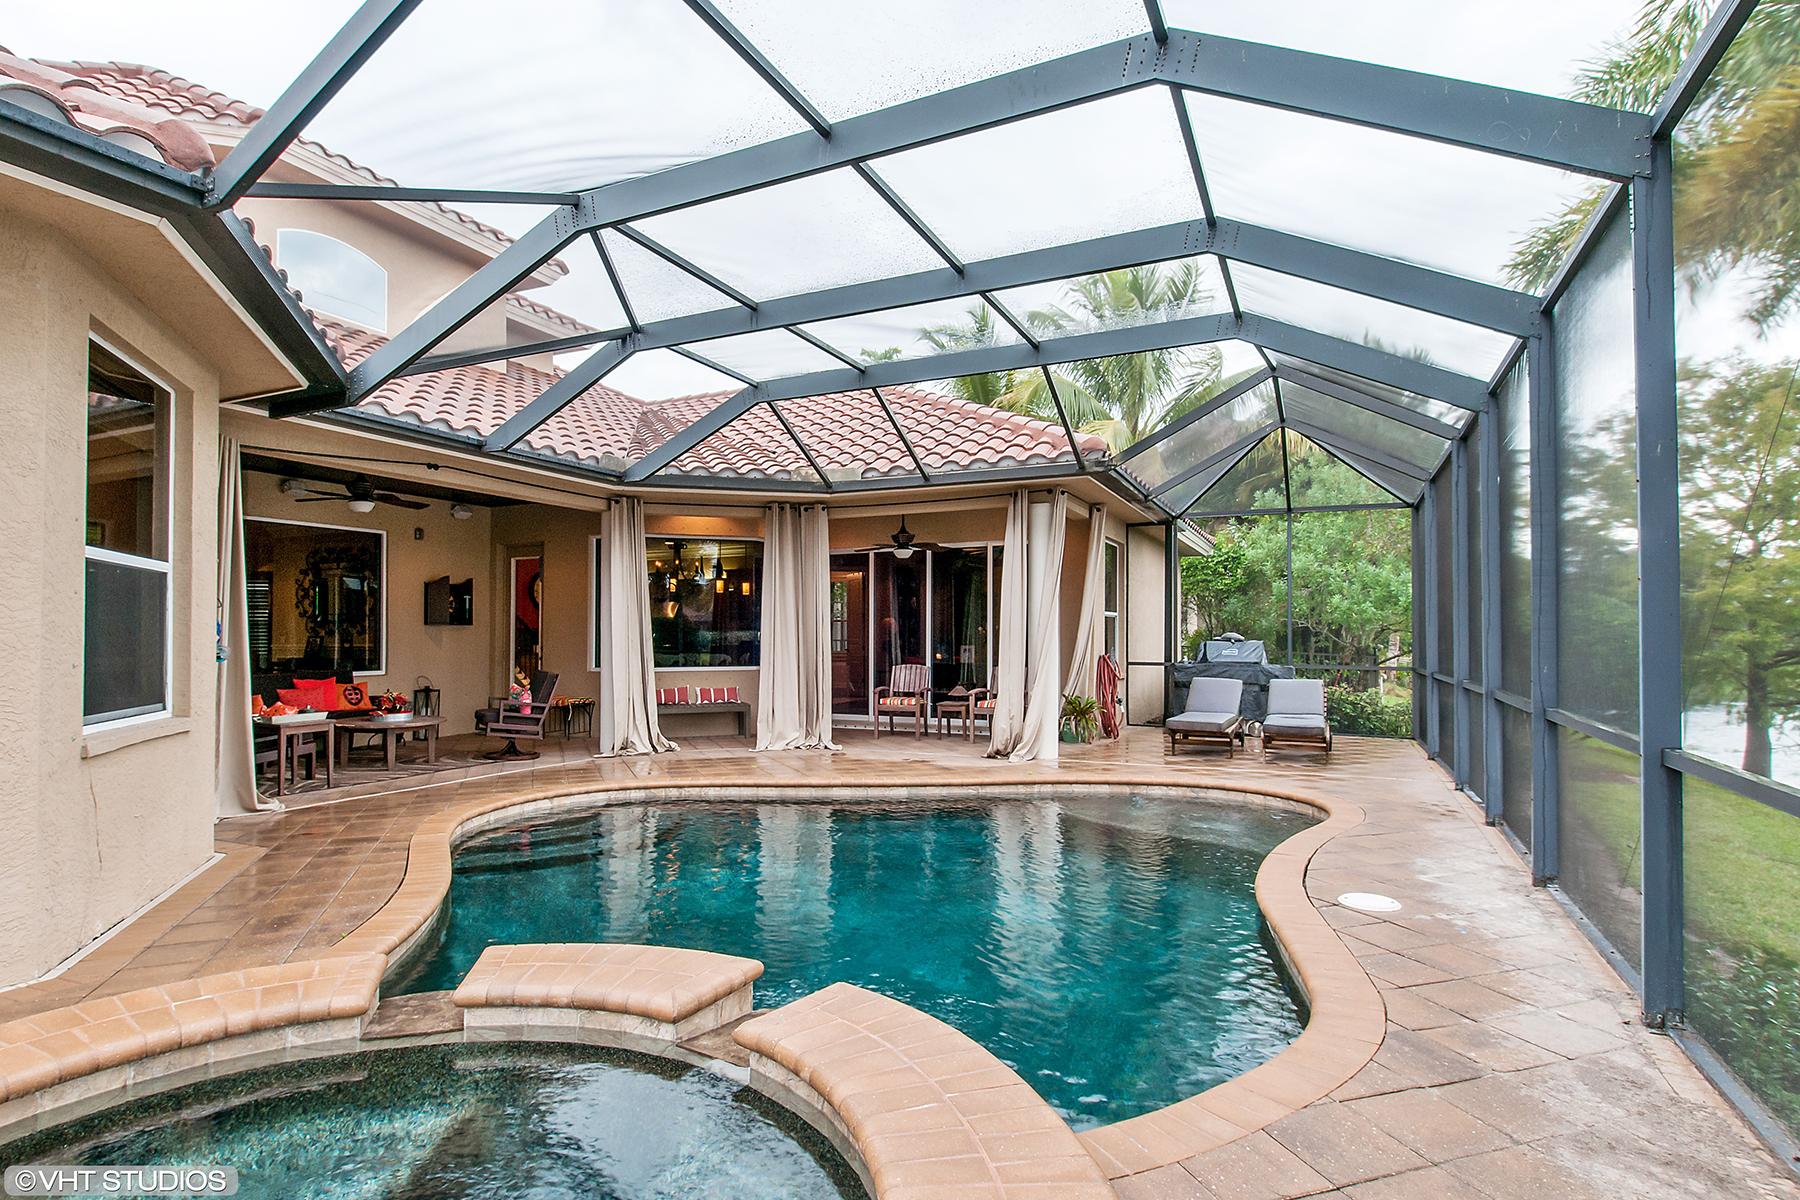 Частный односемейный дом для того Продажа на INDIGO LAKES - INDIGO PRESERVE 14865 Tybee Island Dr Naples, Флорида 34119 Соединенные Штаты